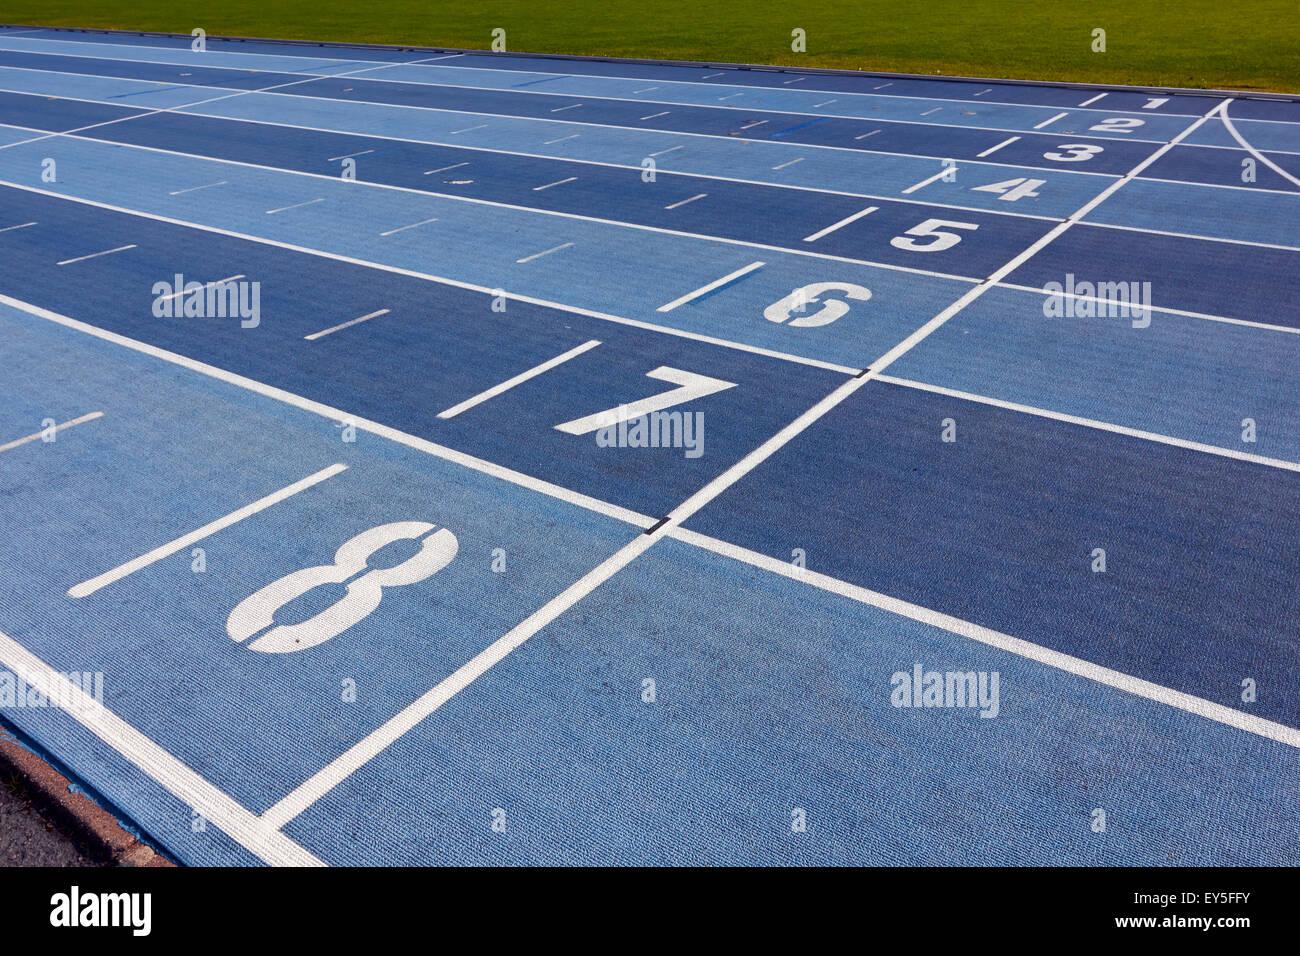 pistas de atletismo Imagen De Stock